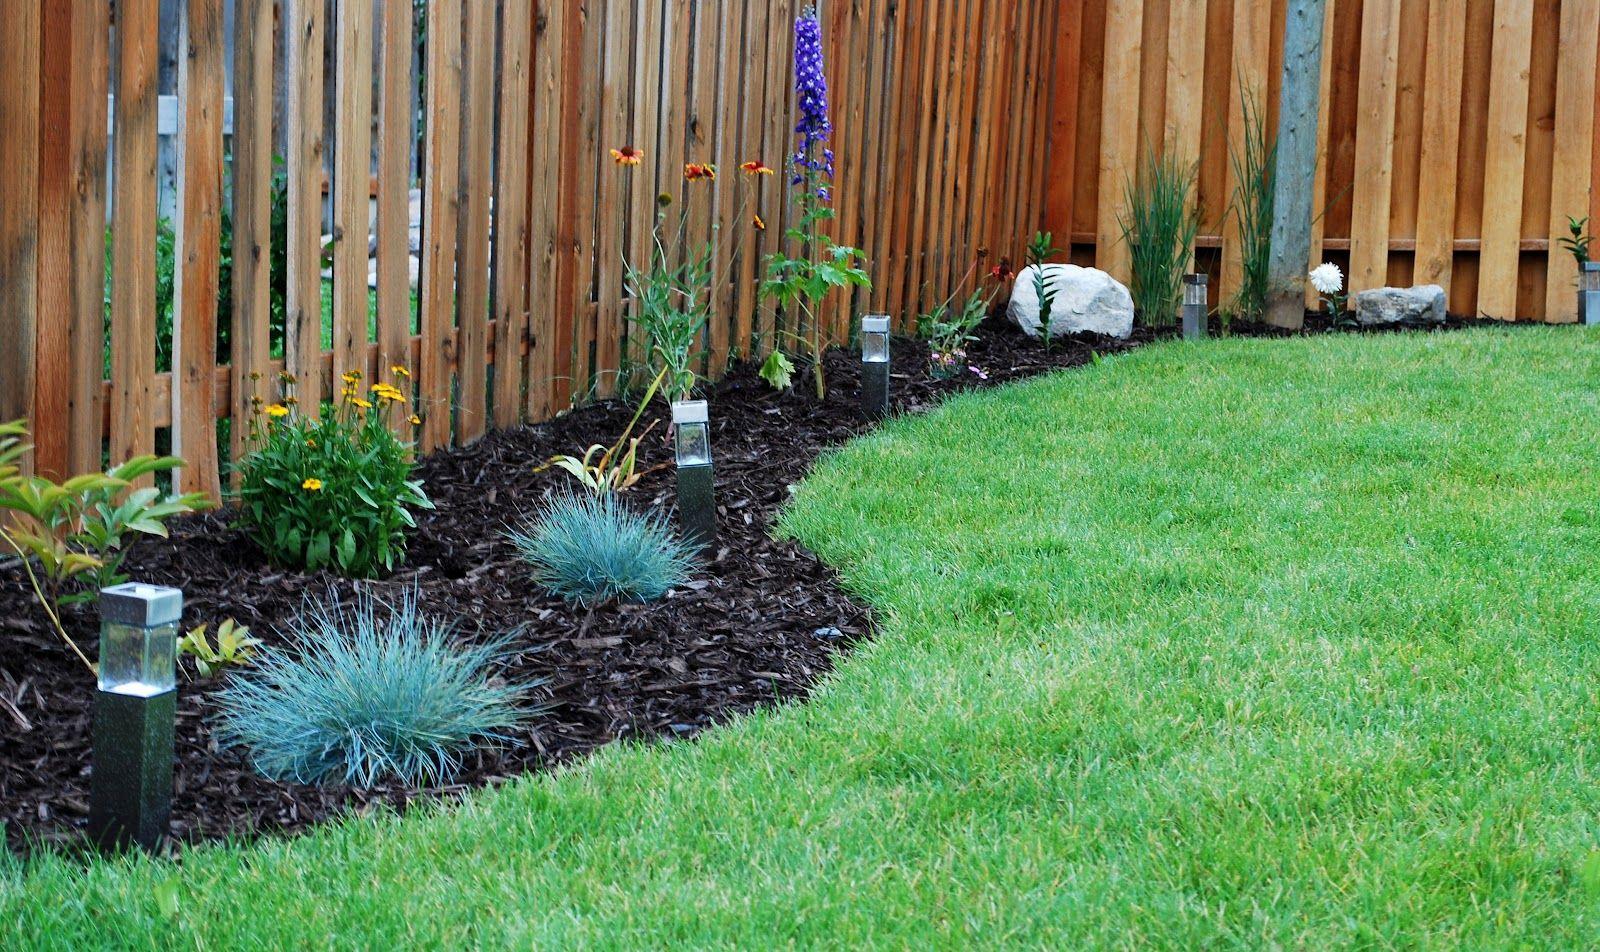 backyard flower bed designs along fence line | back yard design